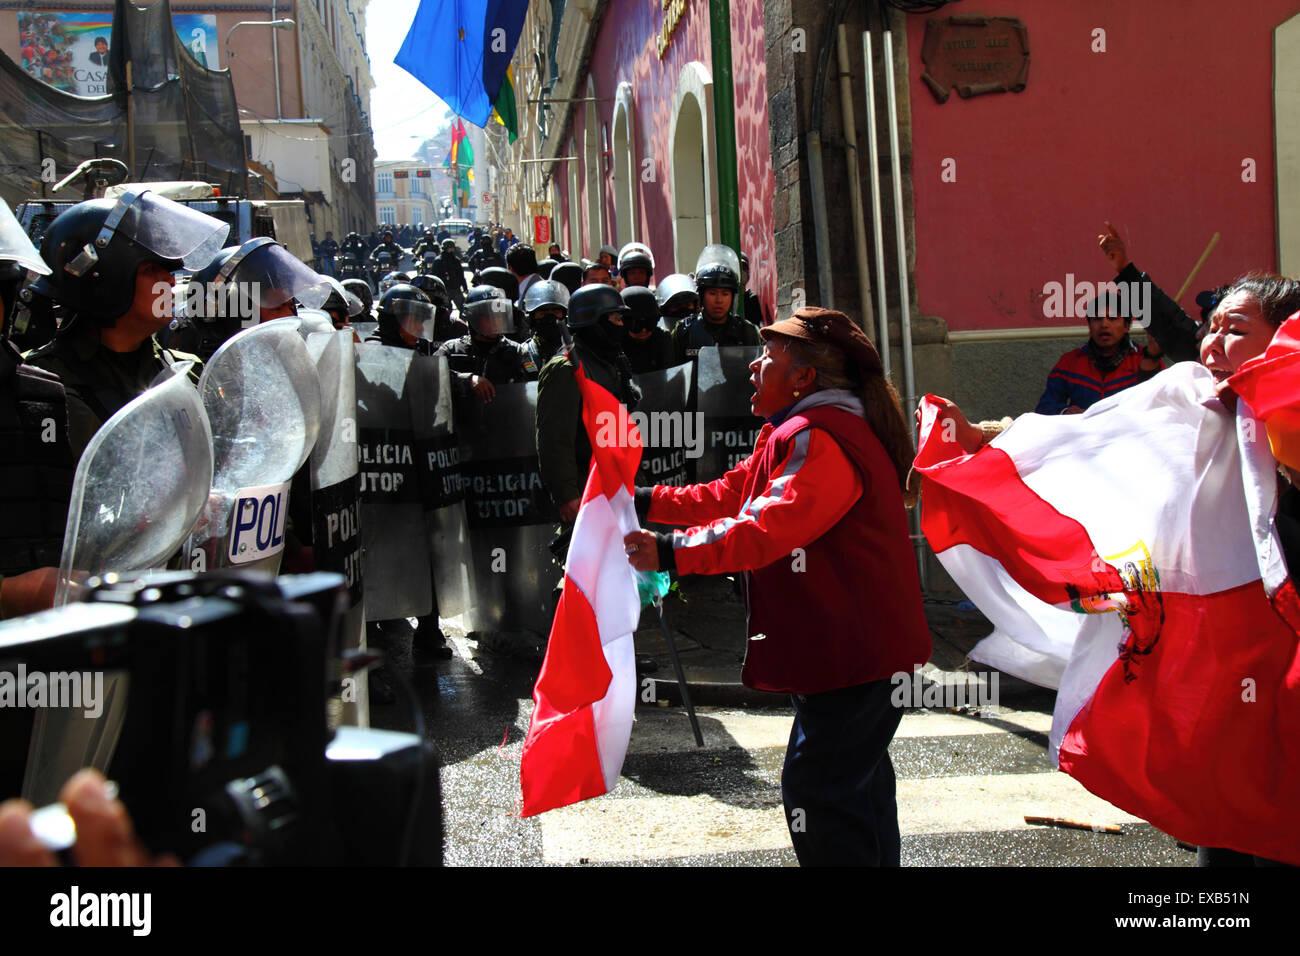 La Paz, Bolivie, le 10 juillet 2015. Un protestataire de la région de Potosi La police anti-émeute est confronté au cours d'une manifestation par le Comité civique de Potosi et de supports. Ils sont à La Paz pour exiger le gouvernement ne cesse de promesses faites à la région dans le passé, qui comprennent la construction d'une usine de ciment, des hôpitaux, une usine hydroélectrique et un aéroport international. La police a utilisé des gaz lacrymogènes pour empêcher les manifestants d'entrer Plaza Murillo (en arrière-plan, où le palais présidentiel et des bâtiments du Congrès sont) Credit: James Brunker/Alamy Live News Banque D'Images